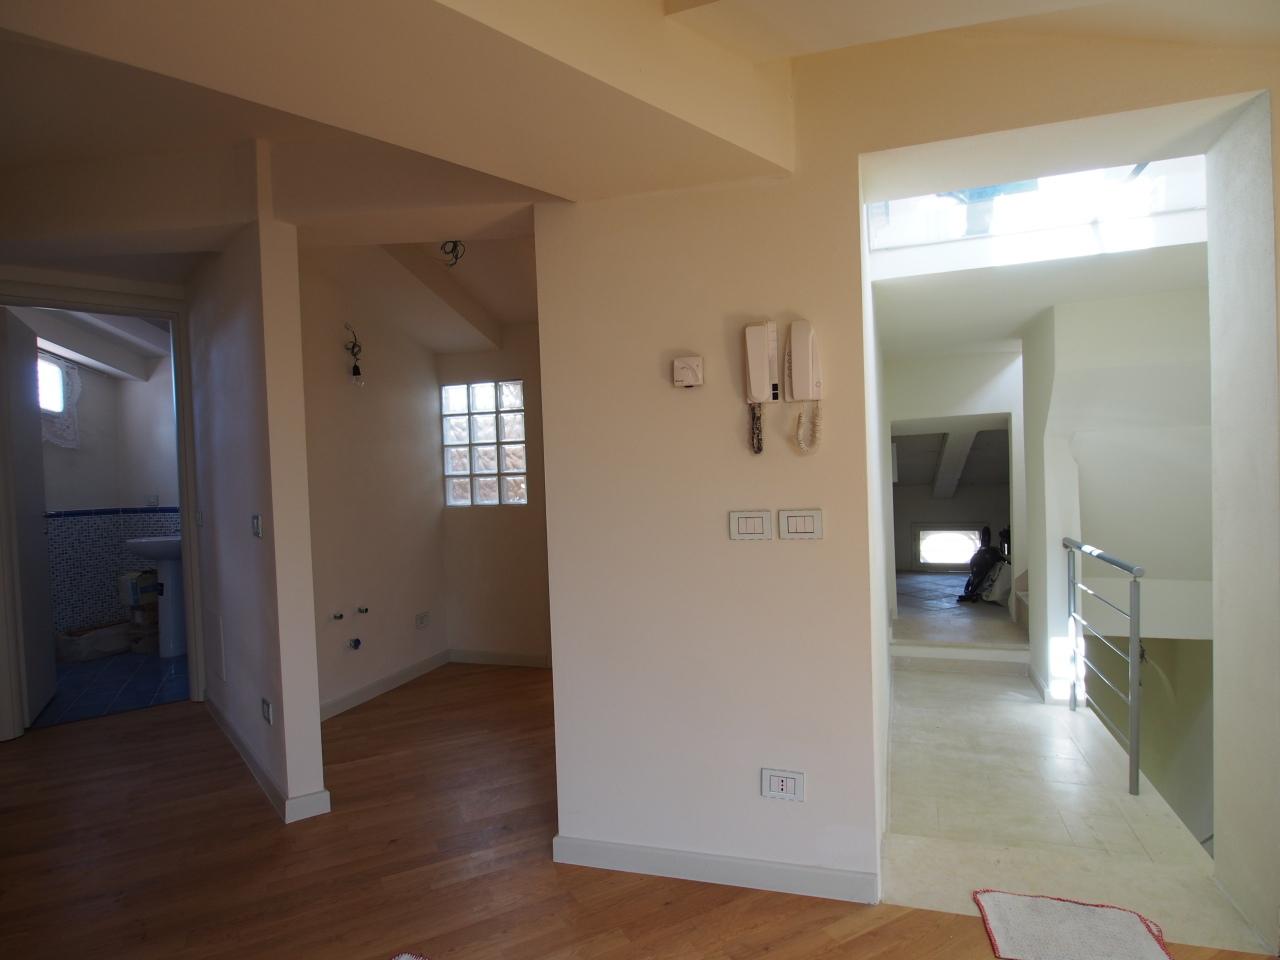 Appartamento in vendita RIF. 2146, San Miniato (PI)